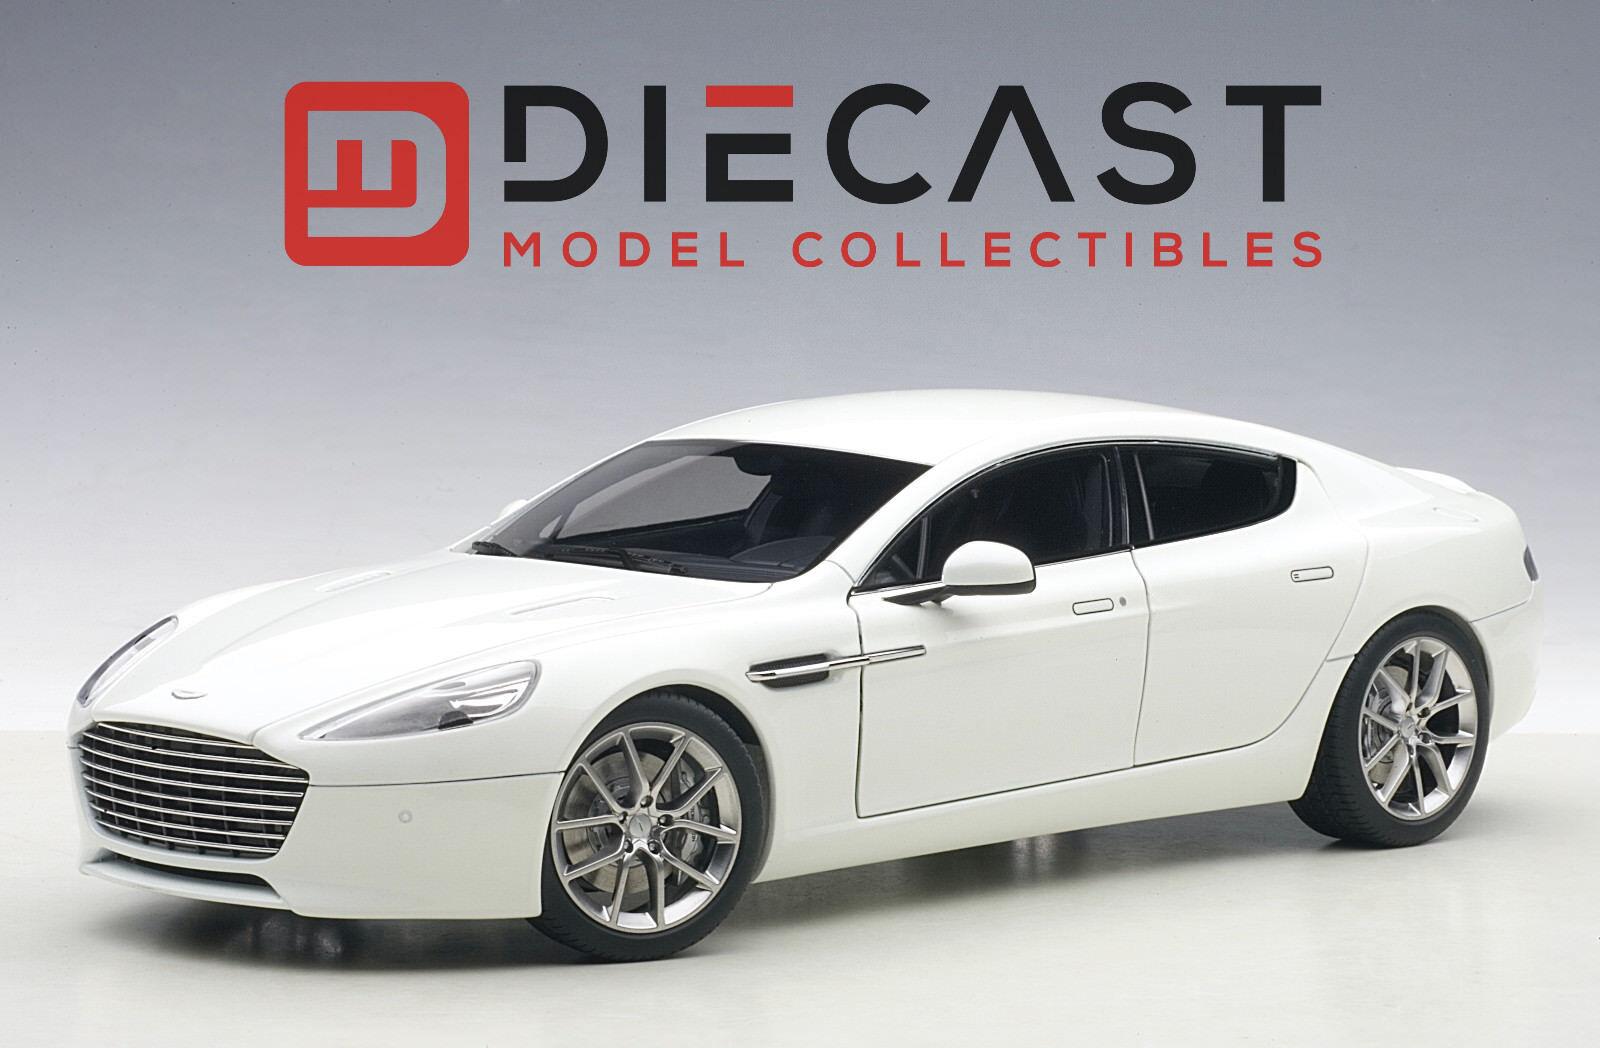 AUTOart 70256 Aston Martin Rapide S 2015, Stratus White 1:18TH Scale